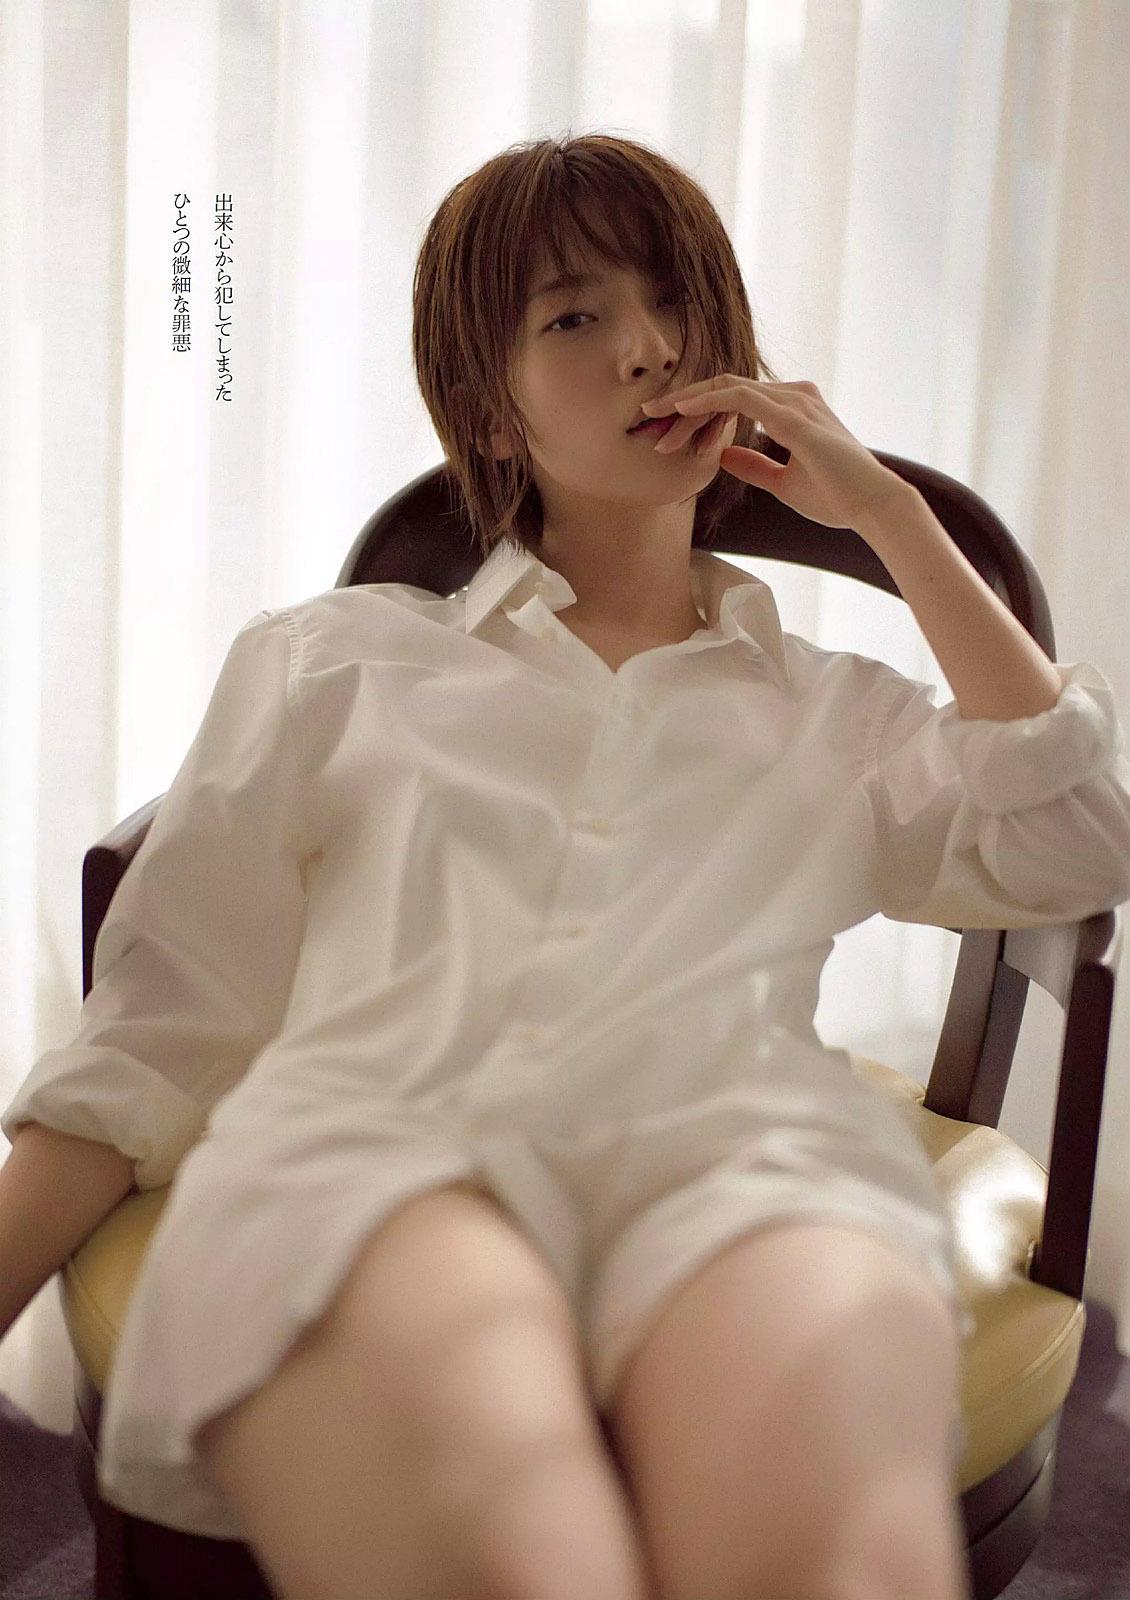 NHashimoto WPB 150330 03.jpg